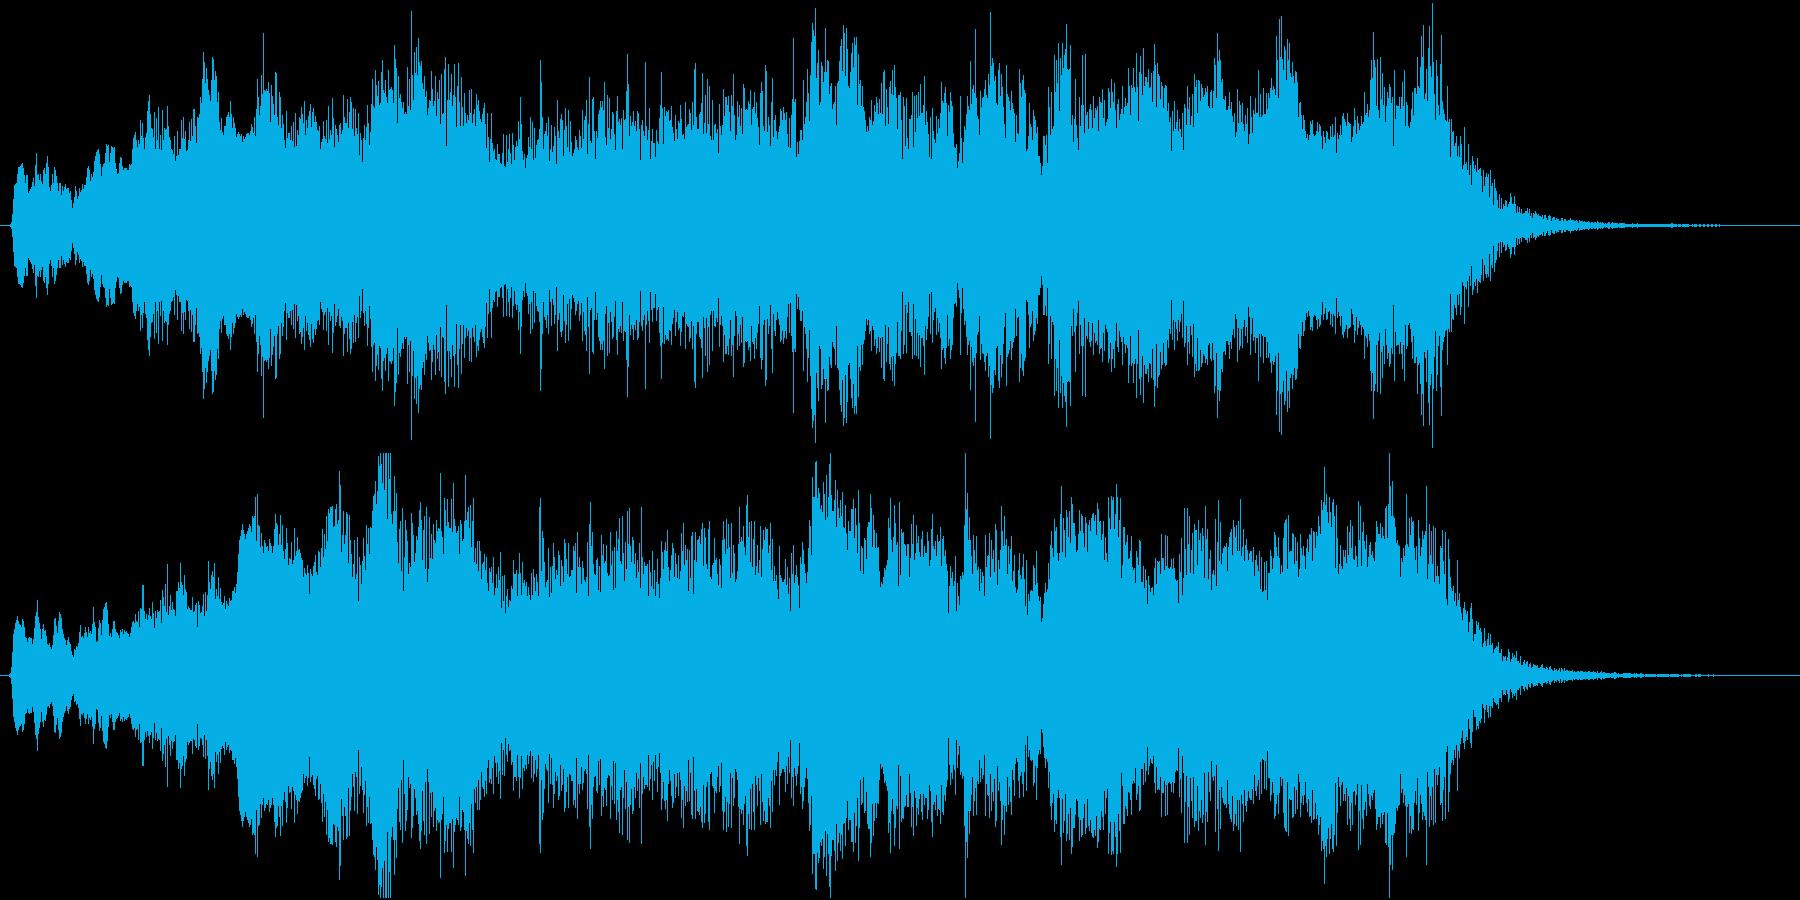 発表!表彰式ファンファーレ【3等・銅賞】の再生済みの波形